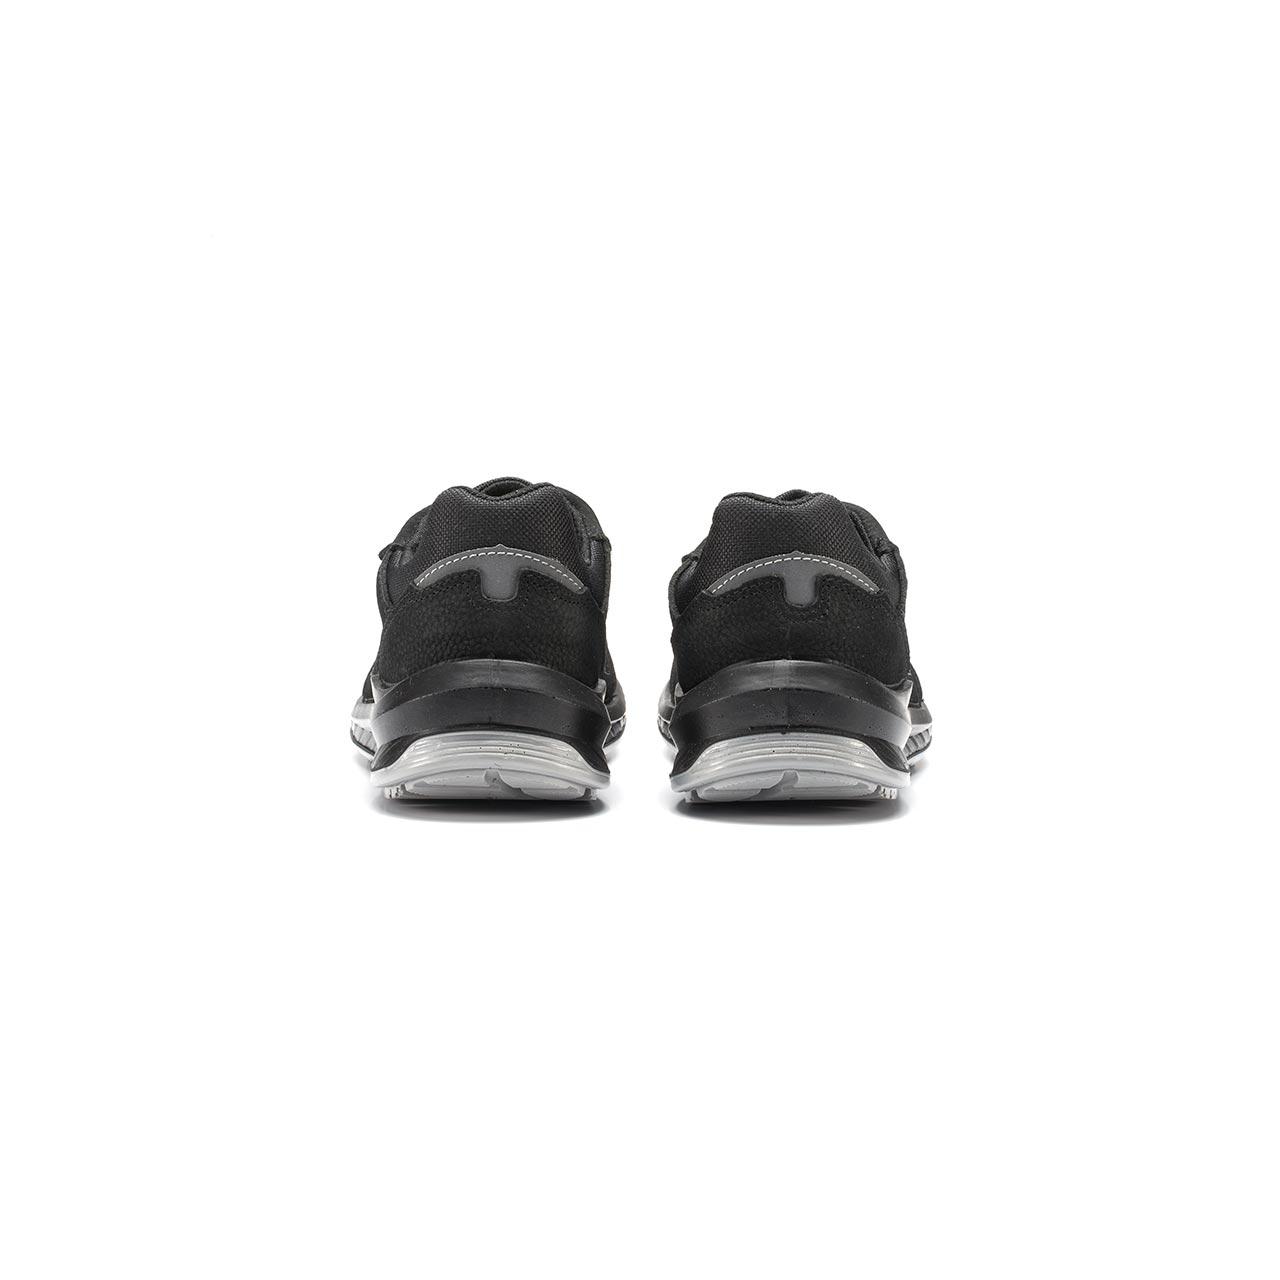 paio di scarpe antinfortunistiche upower modello gessato linea redindustry vista retro